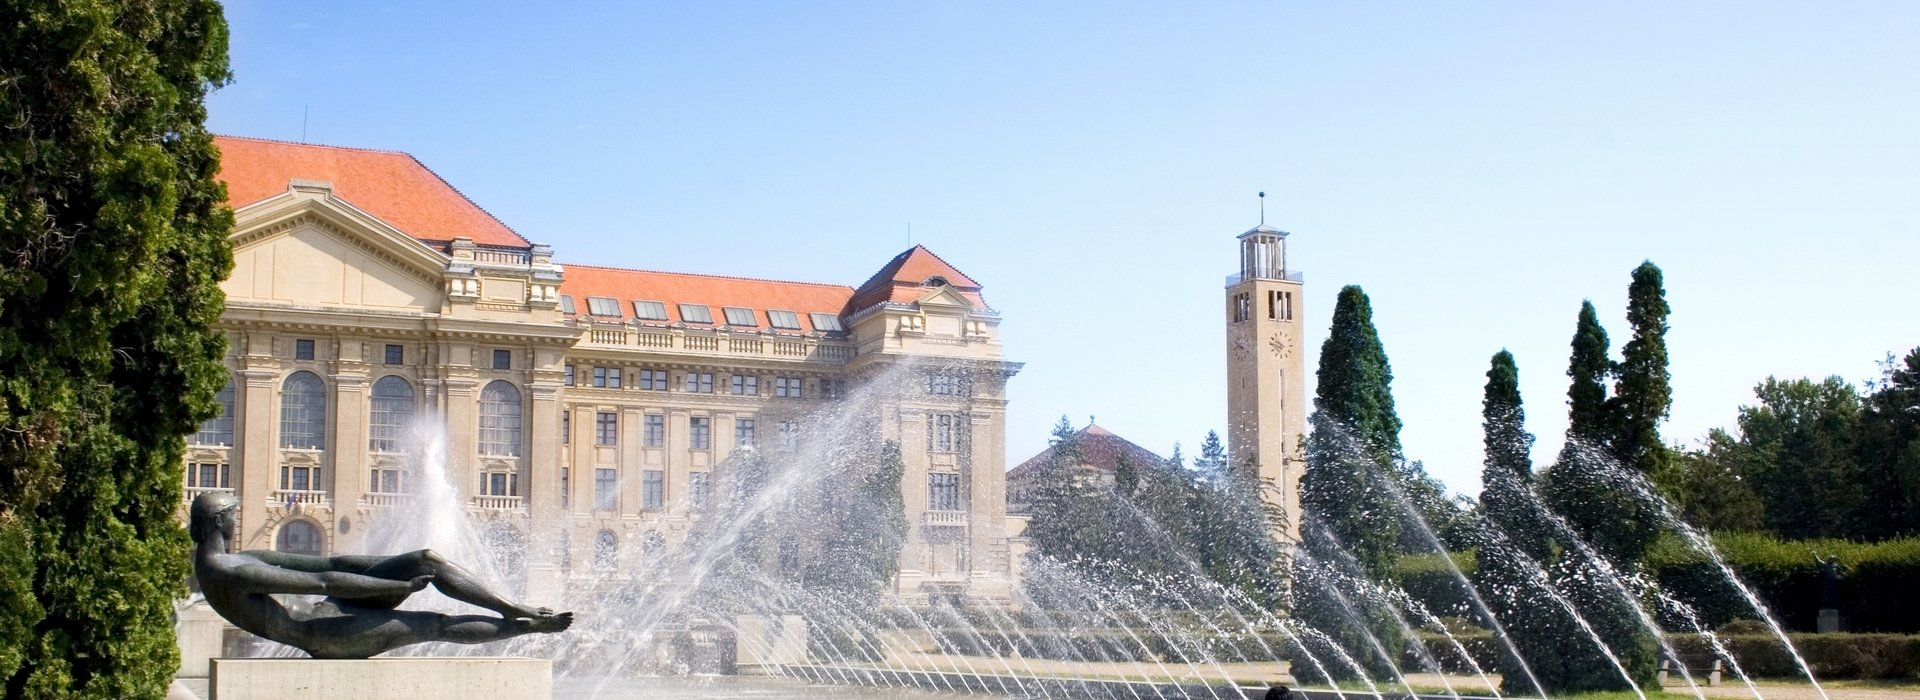 Debreceni Éjszakai Élet